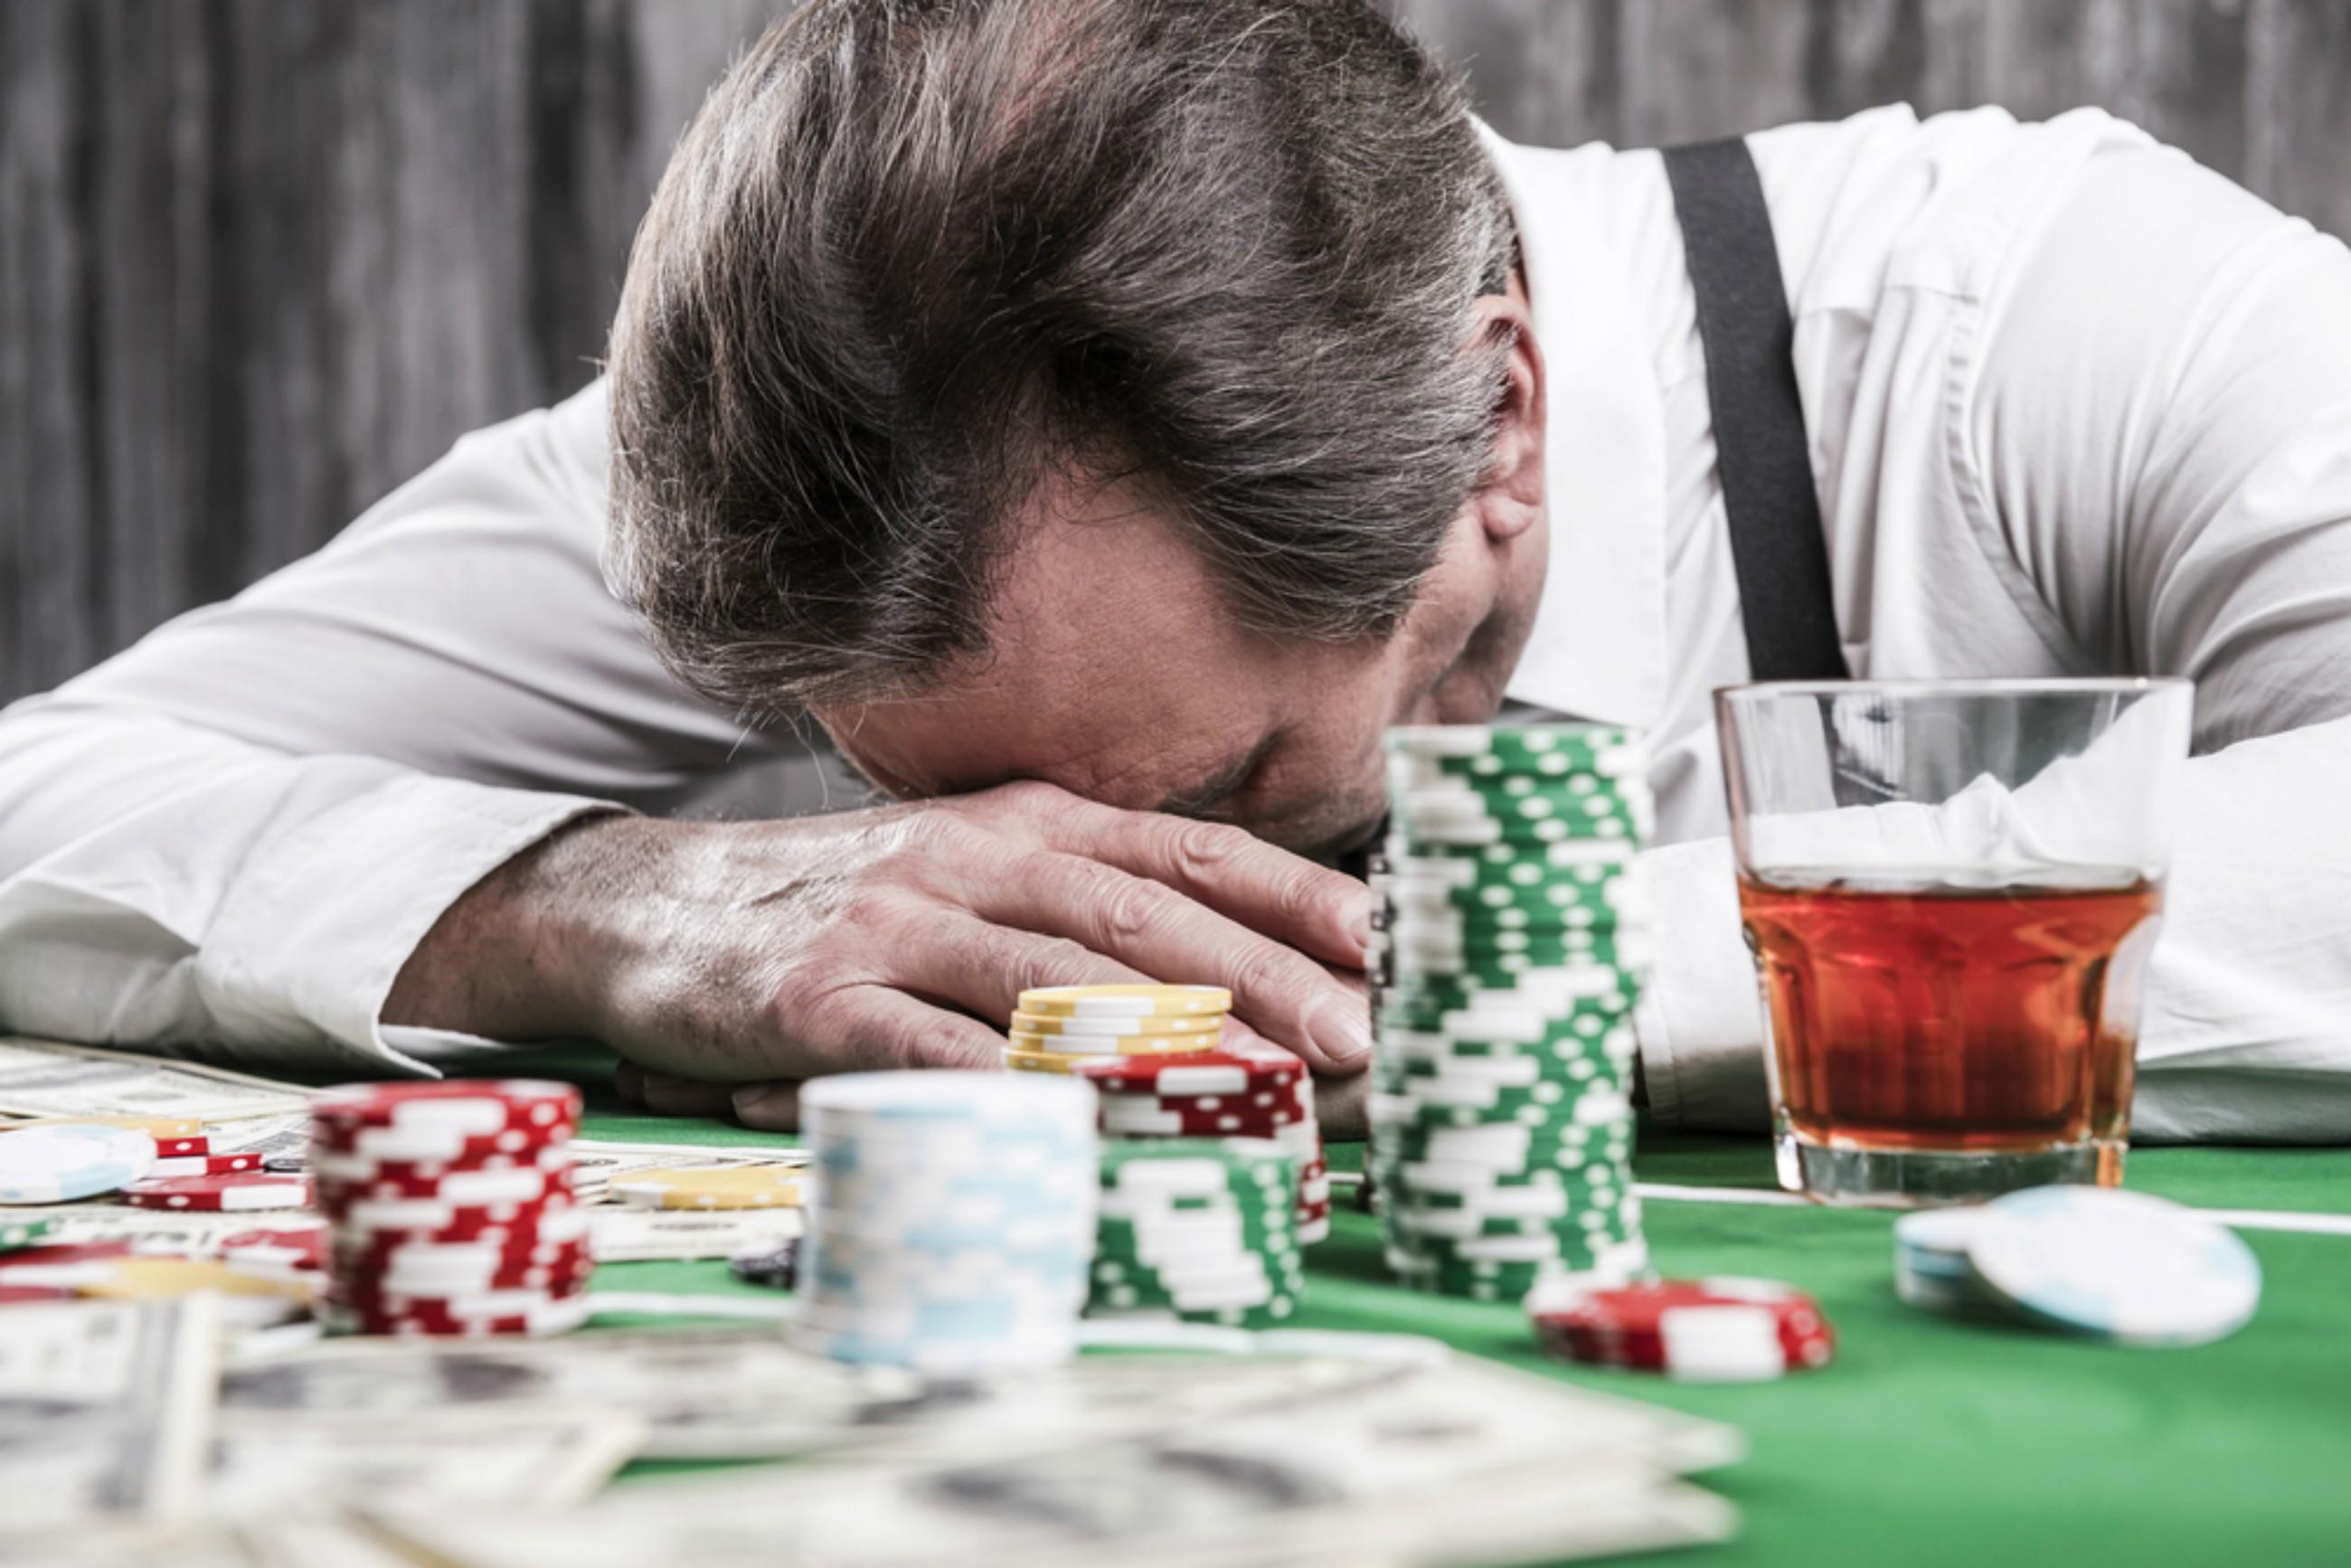 Gioco d'azzardo patologico: le principali novità del mese di giugno 2018